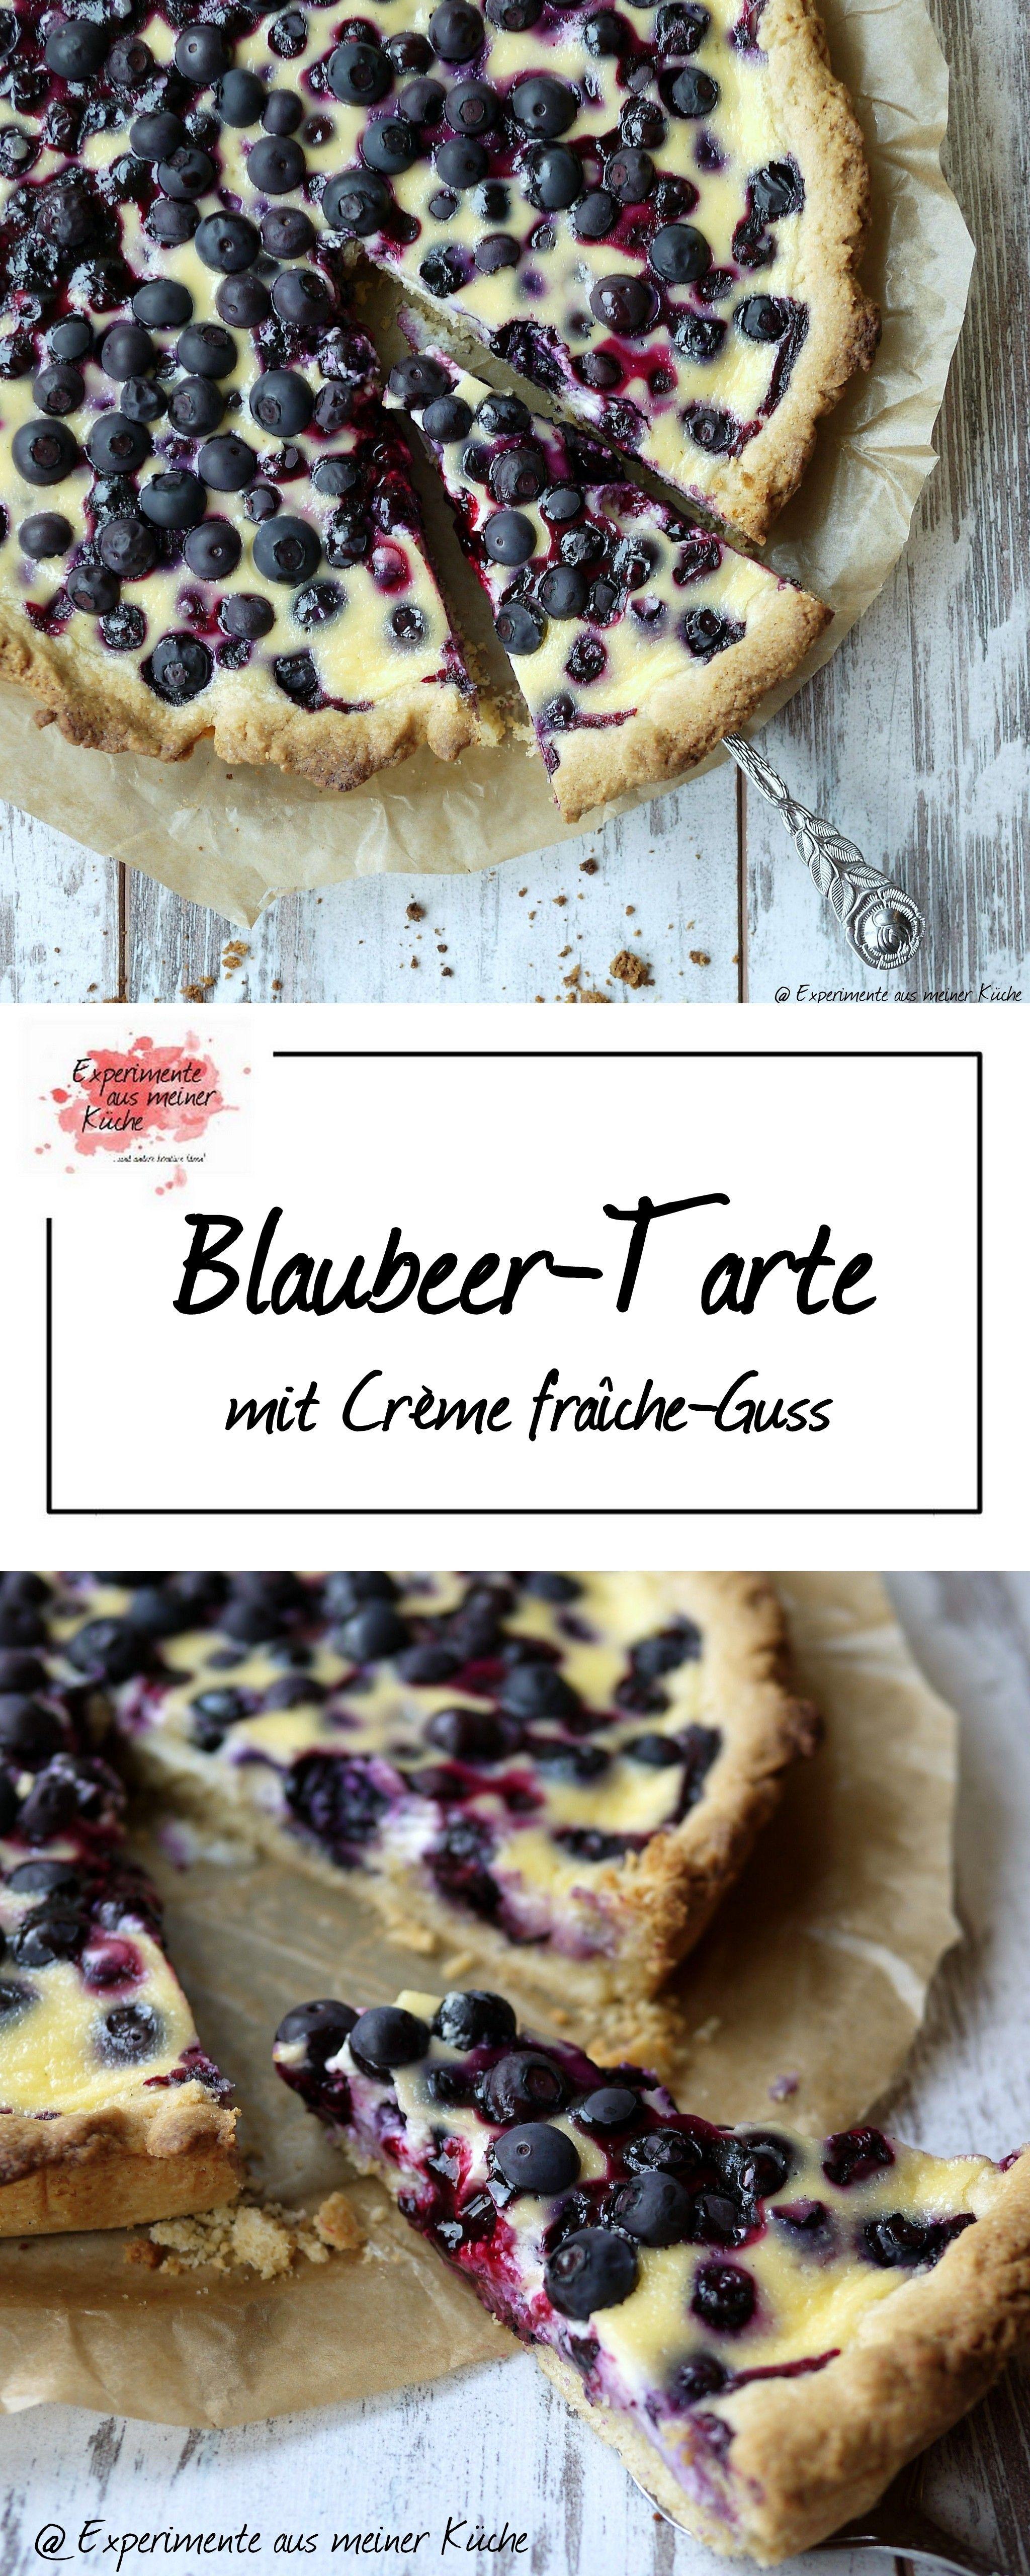 Blaubeer-Tarte mit Crème fraîche-Guss - Experimente aus meiner Küche